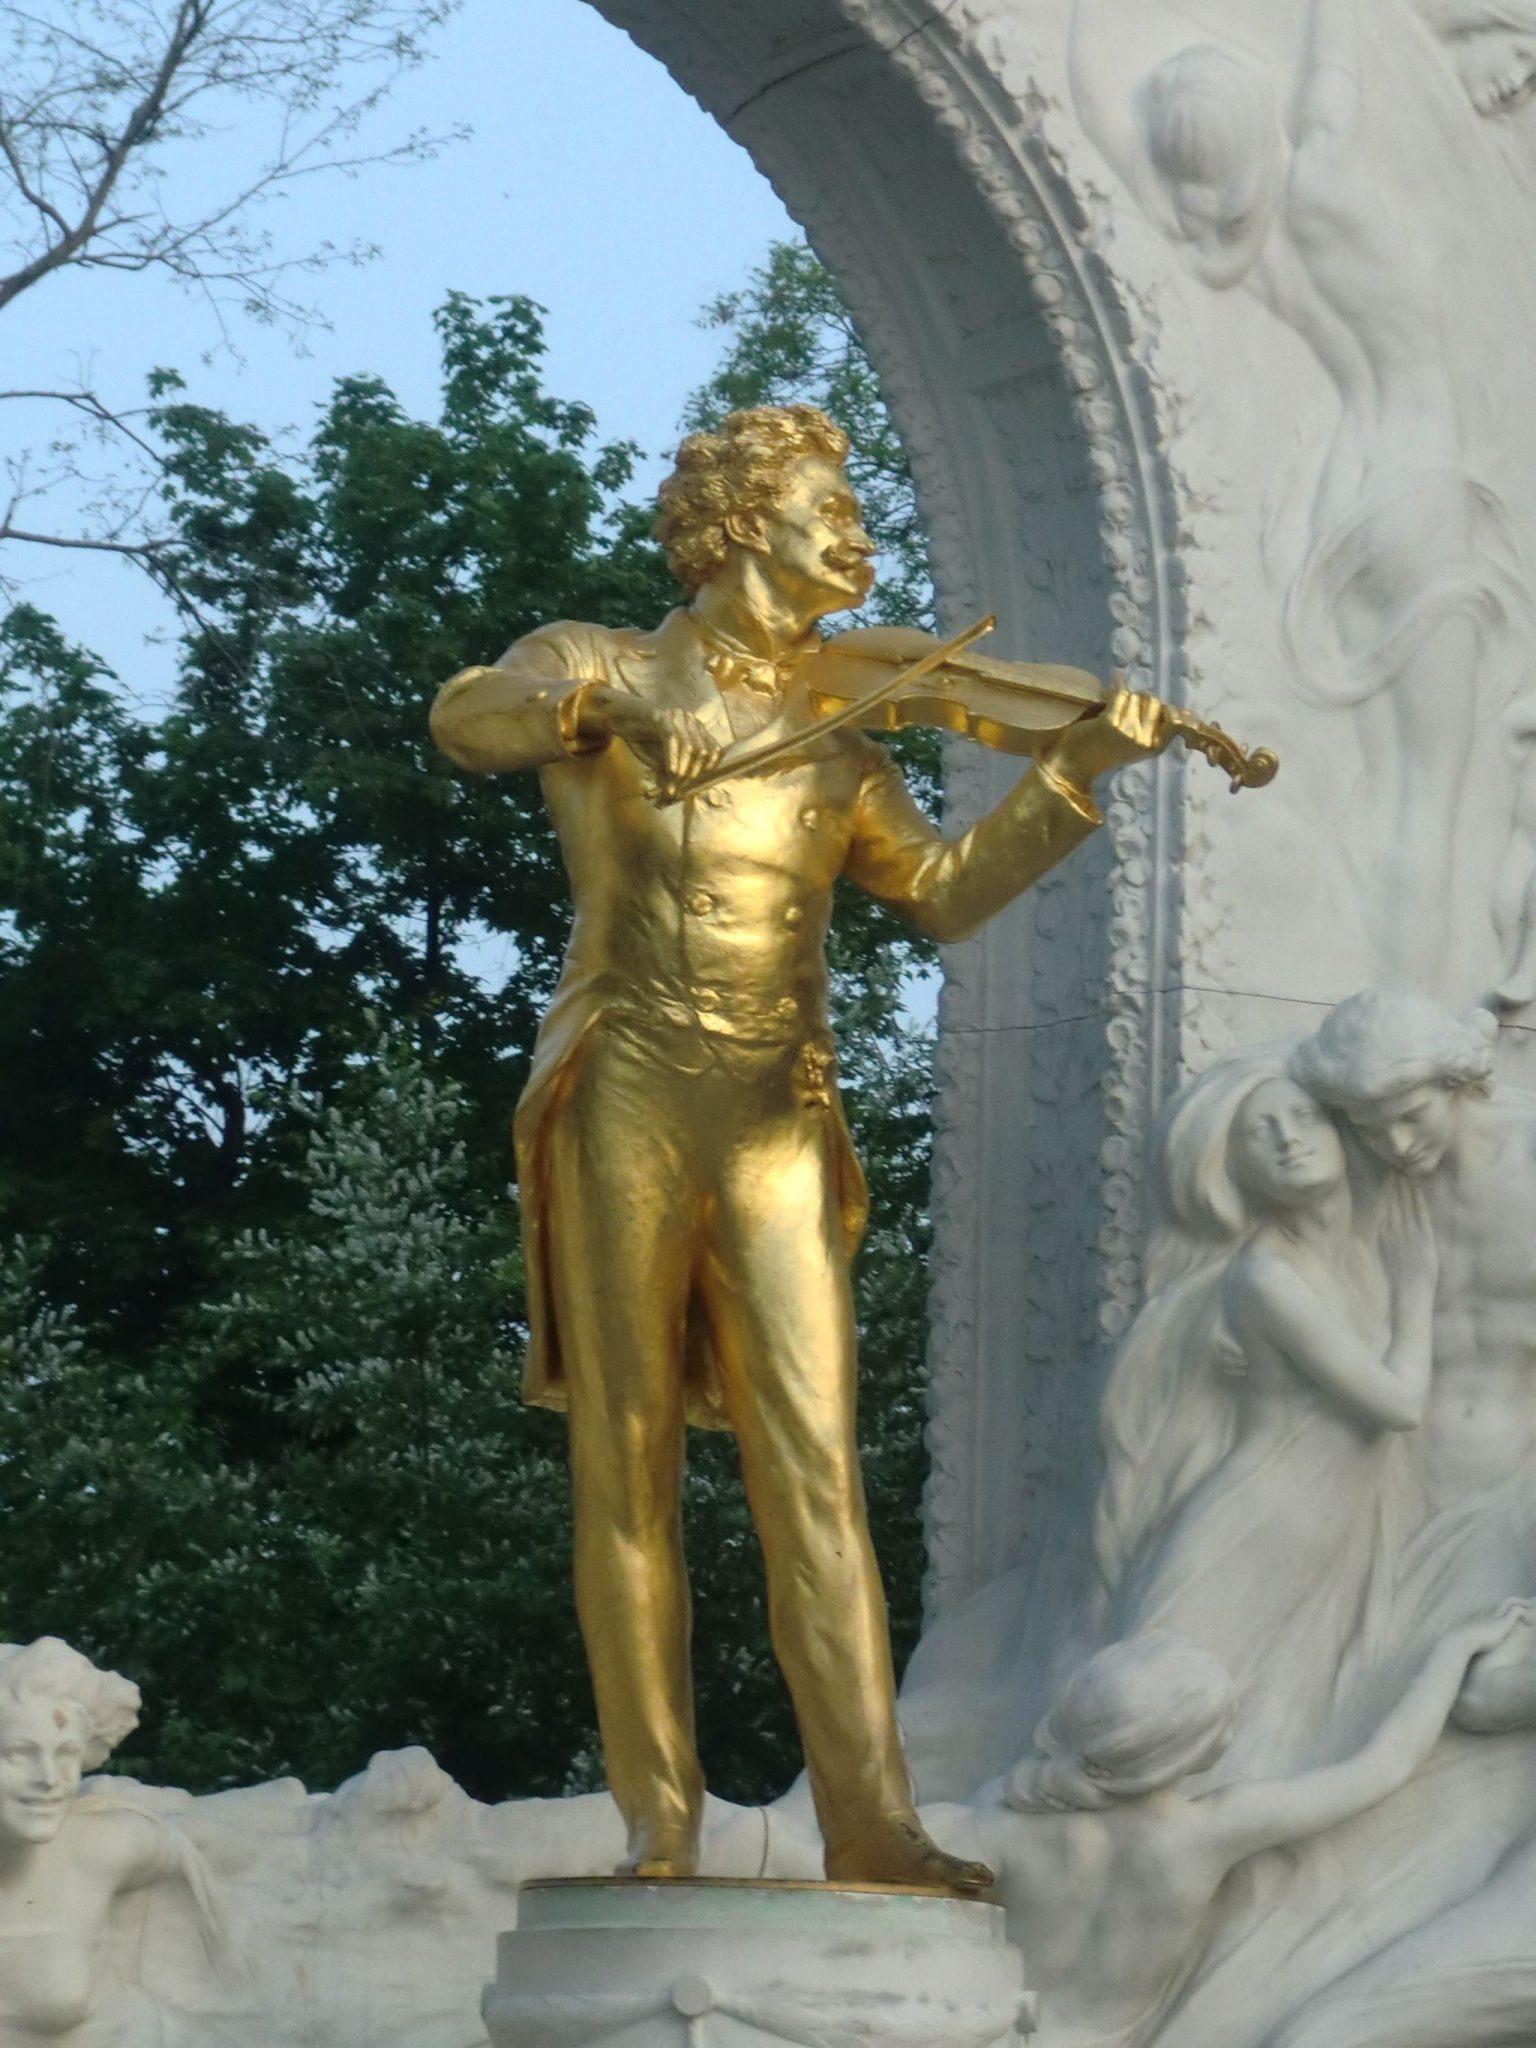 Vienna park 17 1440x1920 - Vienna: elegant beauty